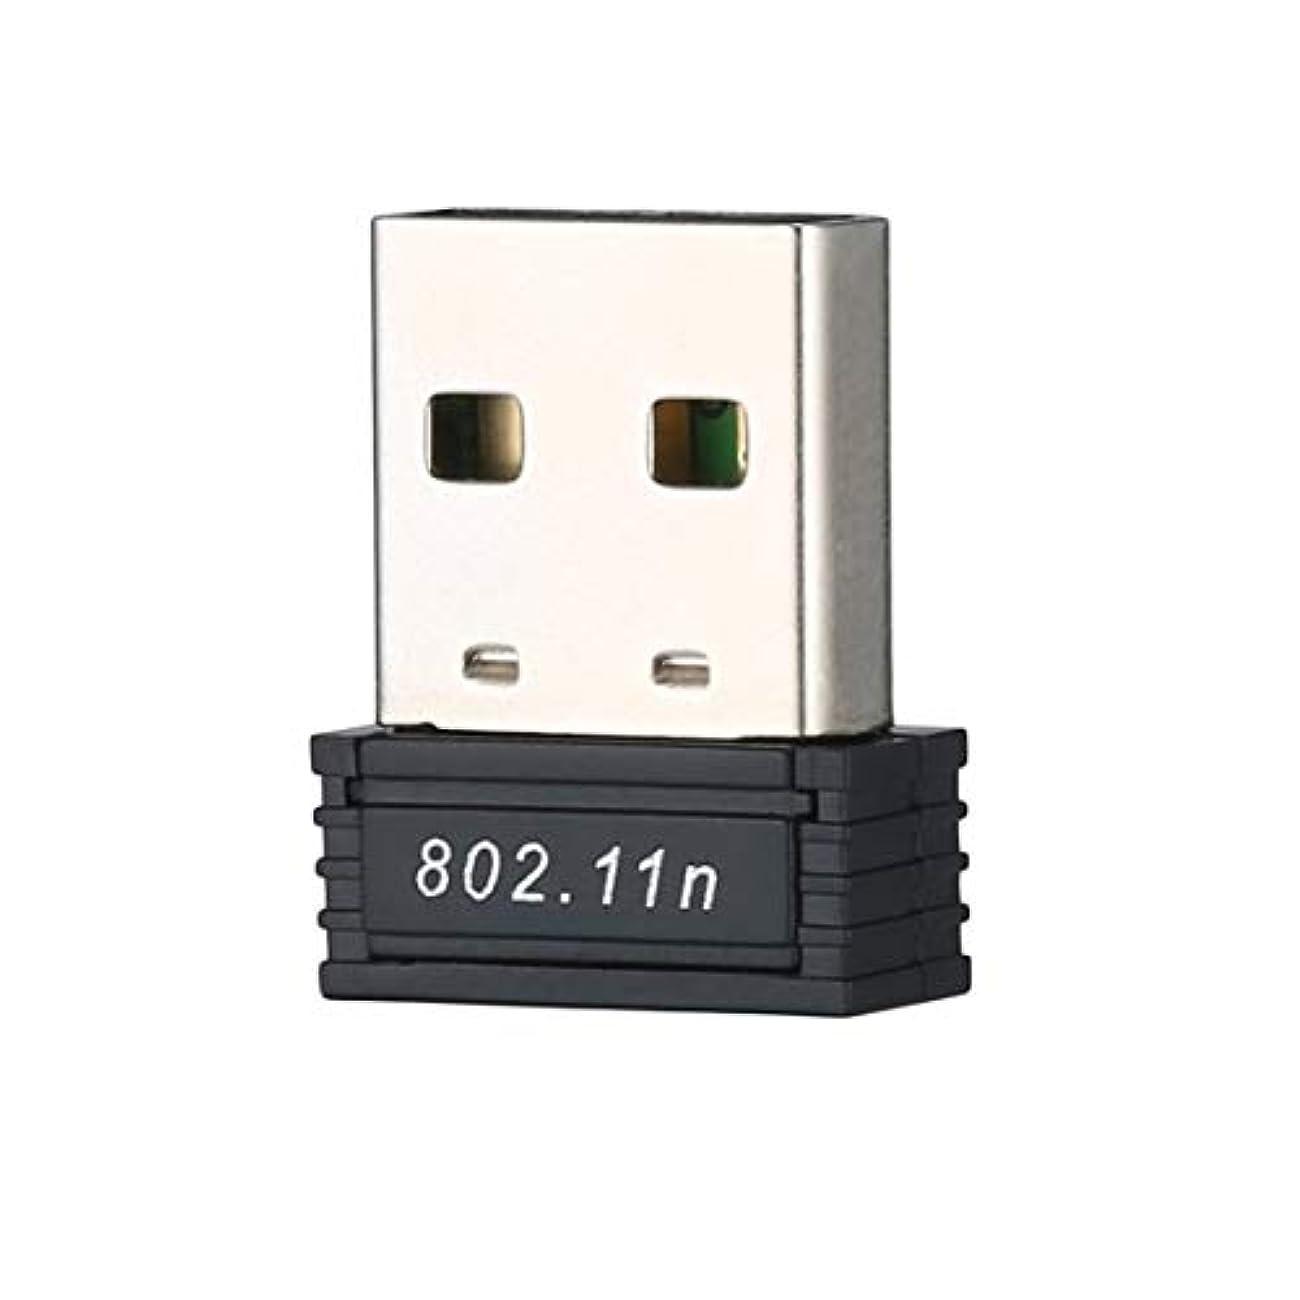 エゴマニア契約するいいねTivollyff 150Mbps 150MミニUSB WiFiワイヤレスアダプターネットワークLANカード802.11n / g/bポータブルミニポケットUSB Wifiレシーバーアダプター